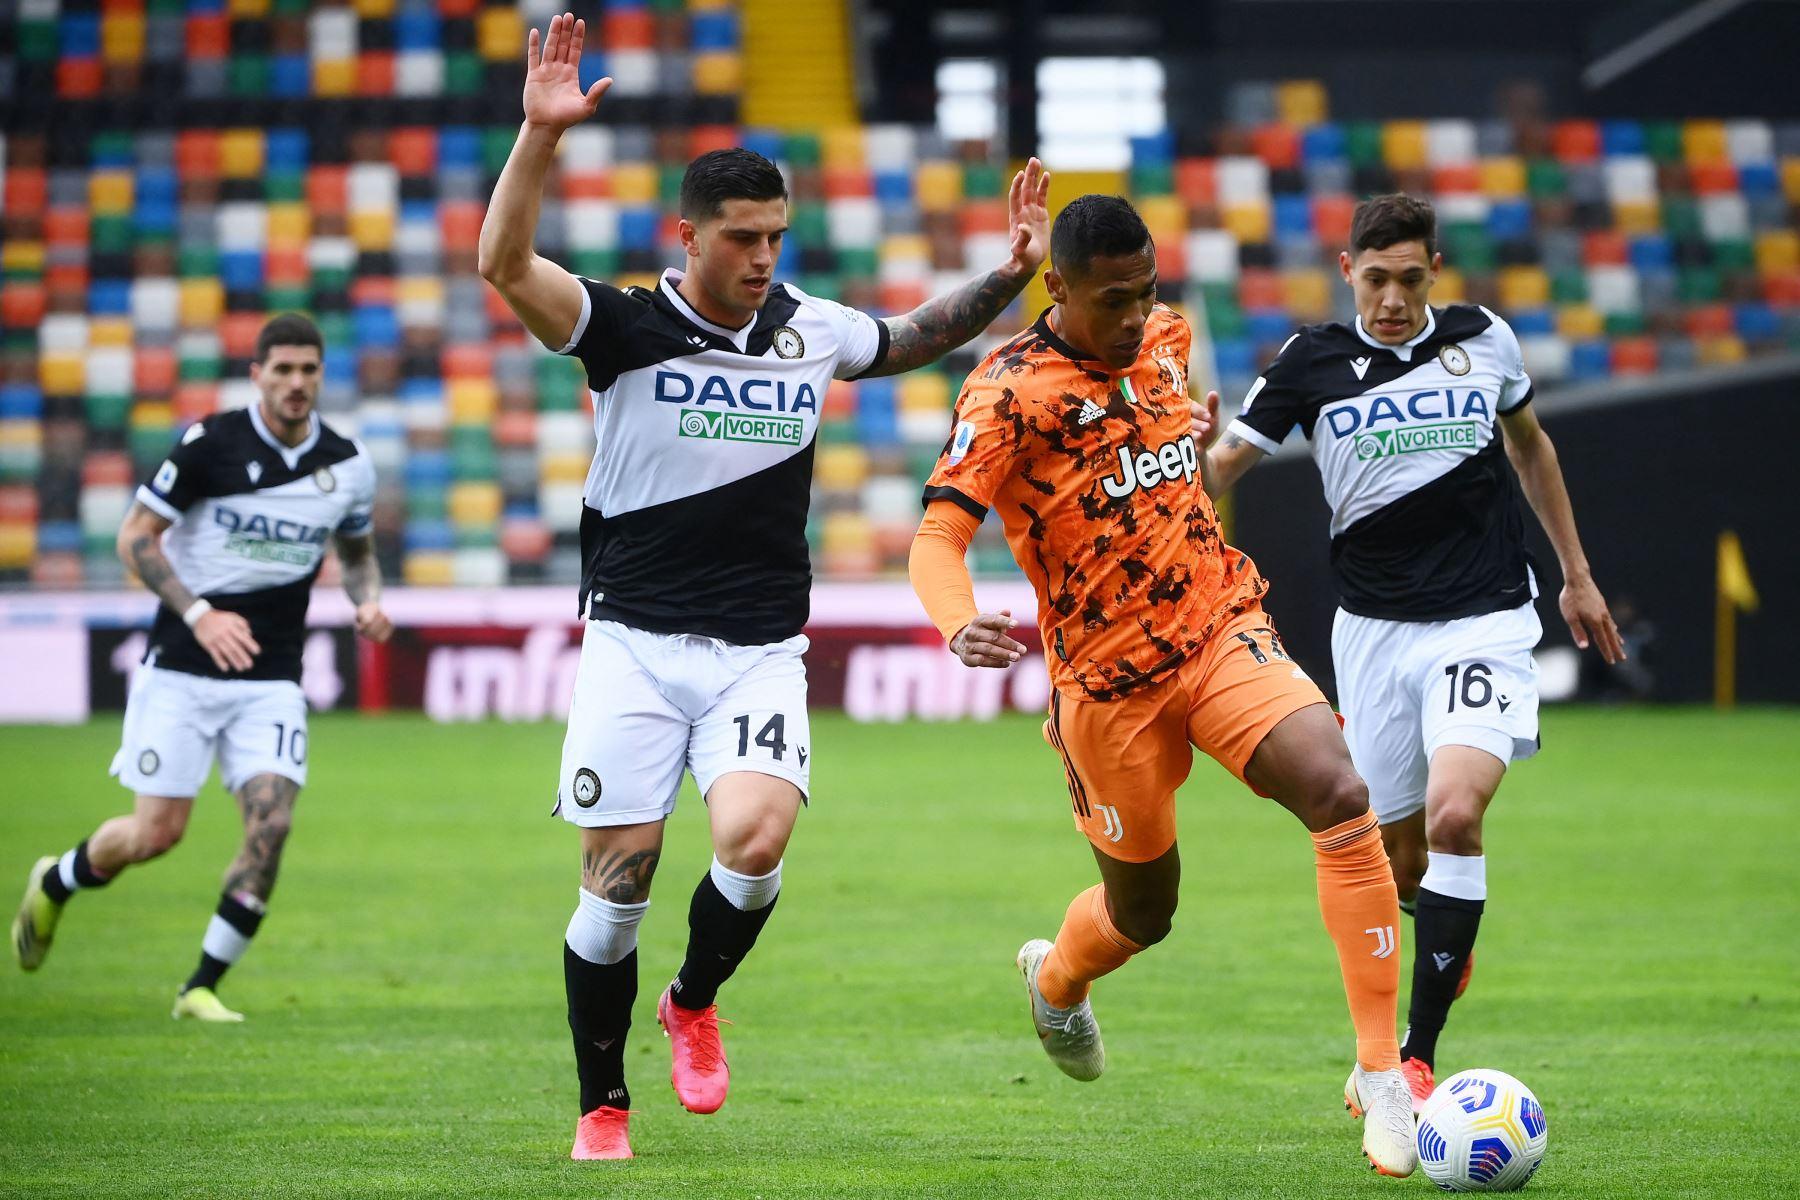 El defensor italiano del Udinese Kevin Bonifazi  lucha por el balón con el defensor brasileño de la Juventus Alex Sandro durante el partido de fútbol de la Serie A italiana entre el Udinese y la Juventus. Foto: AFP